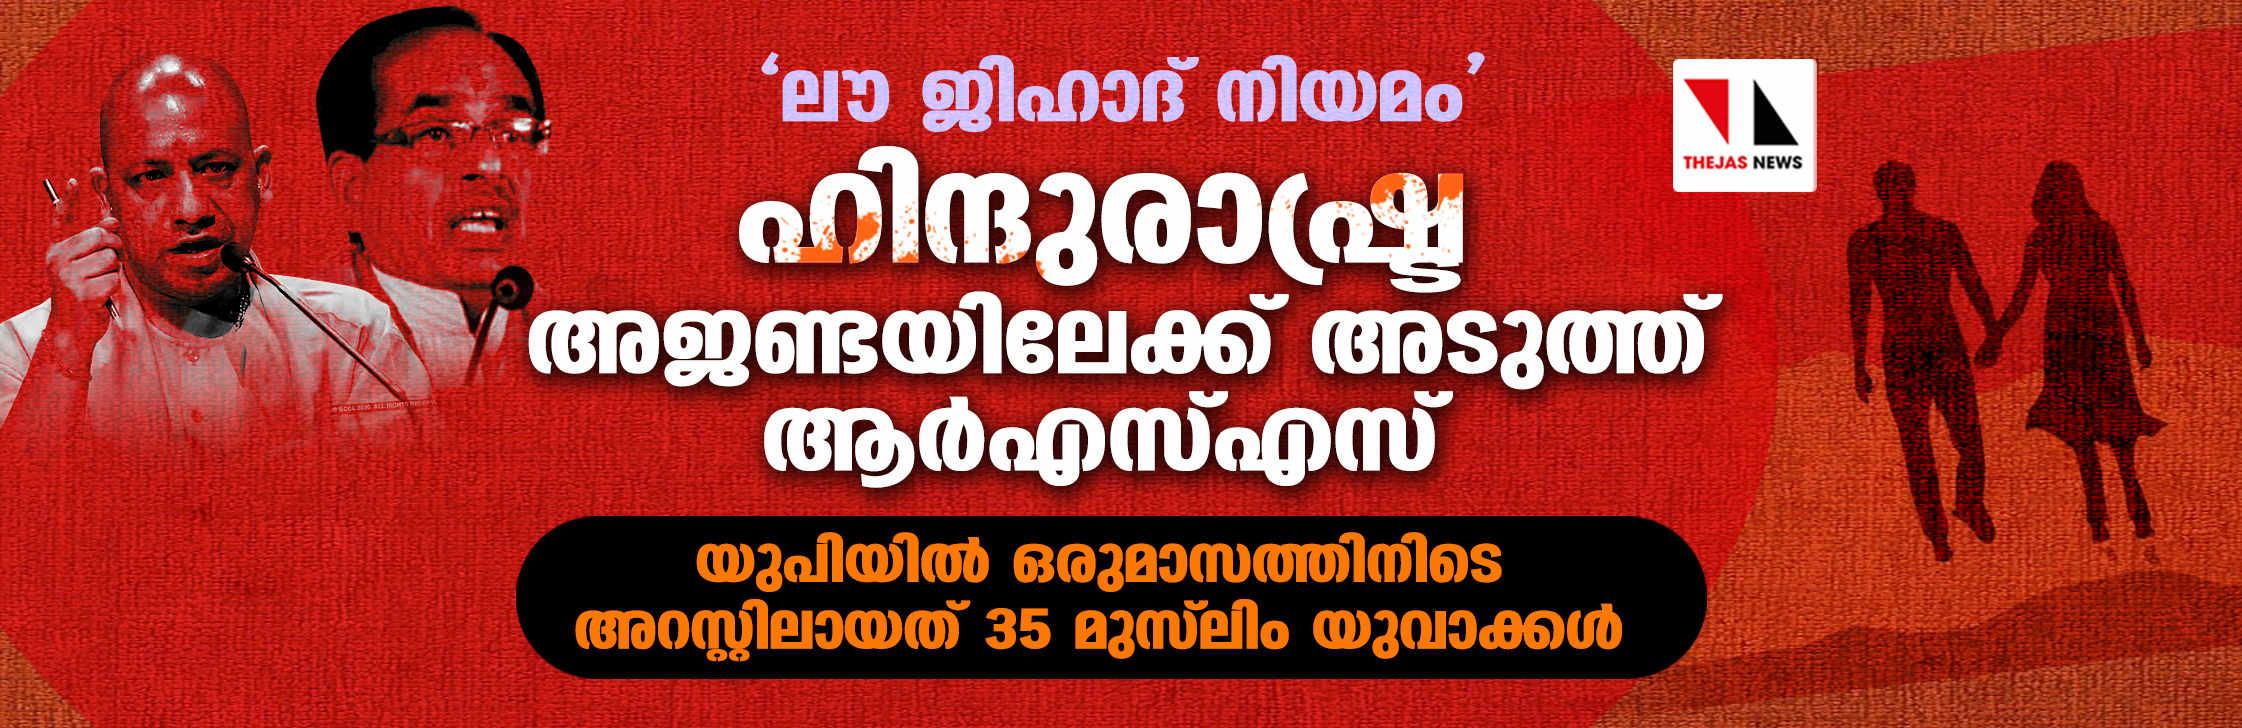 ലൗ ജിഹാദ് നിയമം: ഹിന്ദുരാഷ്ട്ര അജണ്ടയിലേക്ക് അടുത്ത് ആര്എസ്എസ്     -യുപിയില് ഒരുമാസത്തിനിടെ അറസ്റ്റിലായത് 35 മുസ്ലിം യുവാക്കള്